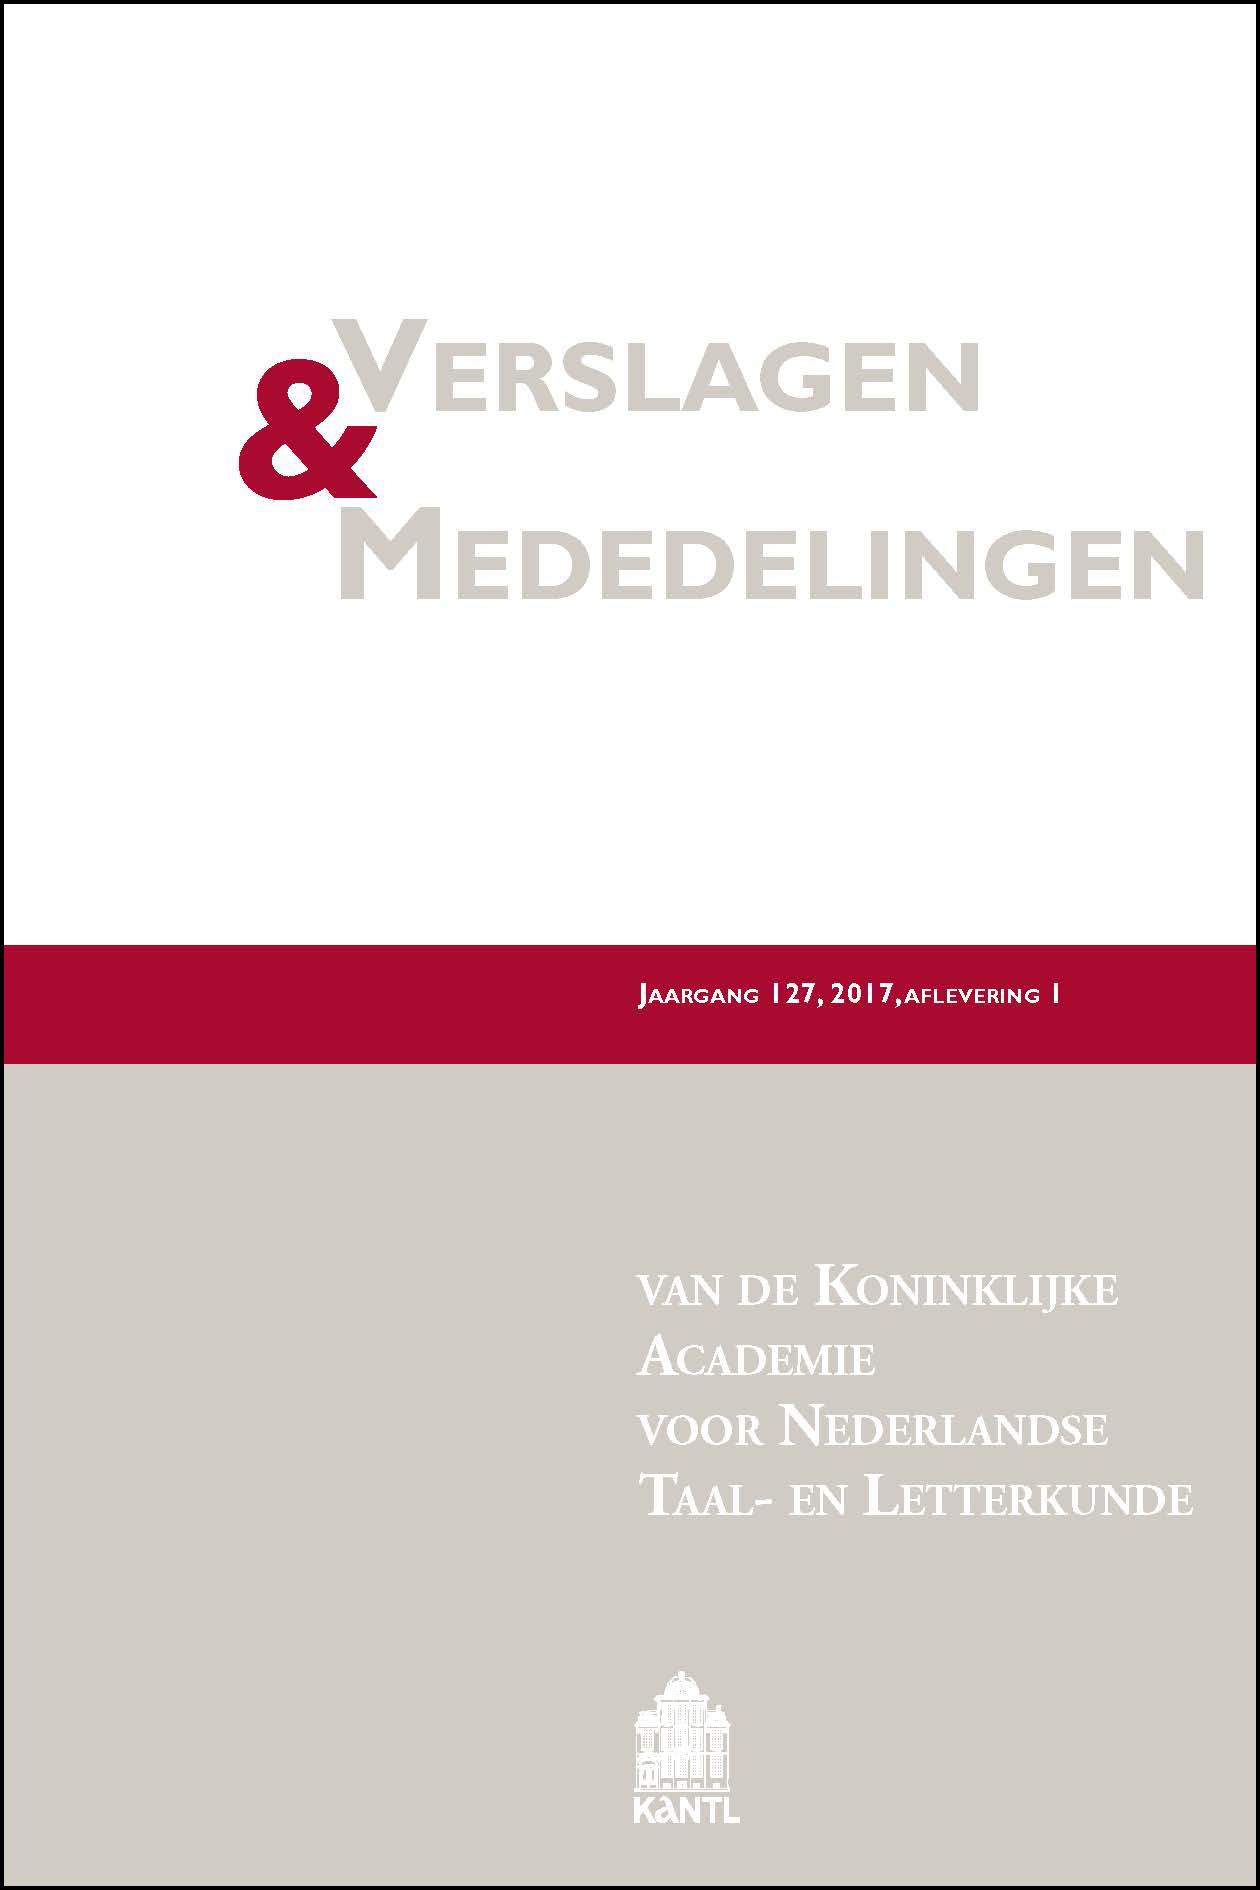 Verslagen & Mededelingen